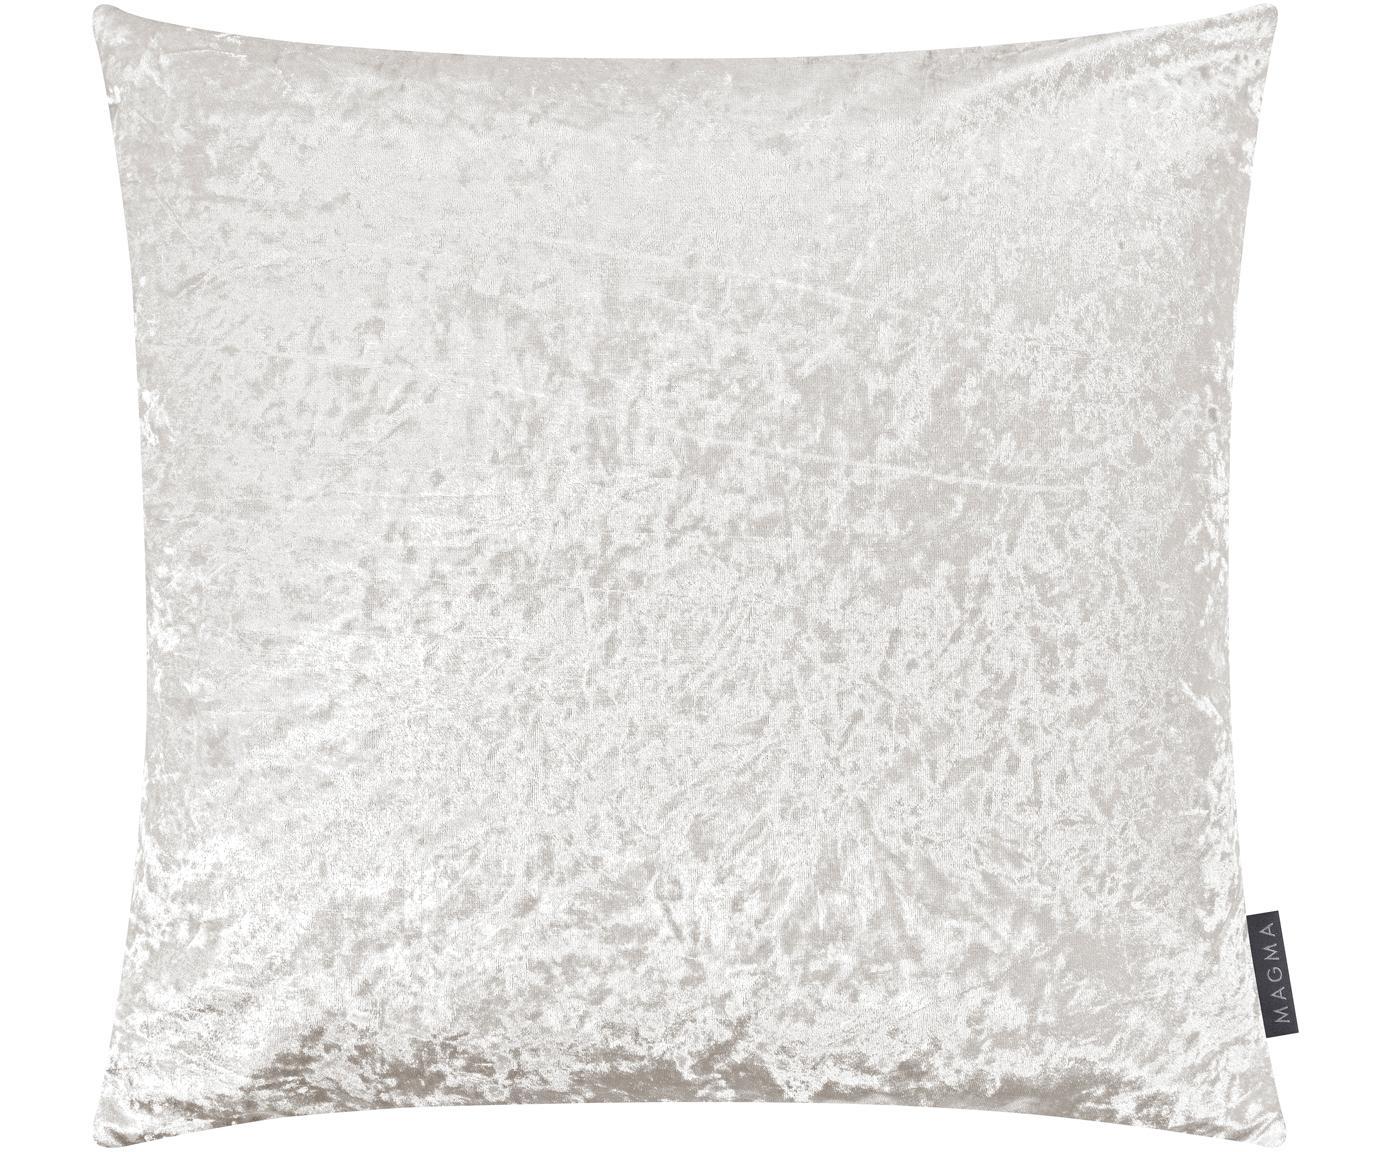 Poszewka na poduszkę z aksamitu Shanta, Aksamit poliestrowy, Kość słoniowa, S 40 x D 40 cm